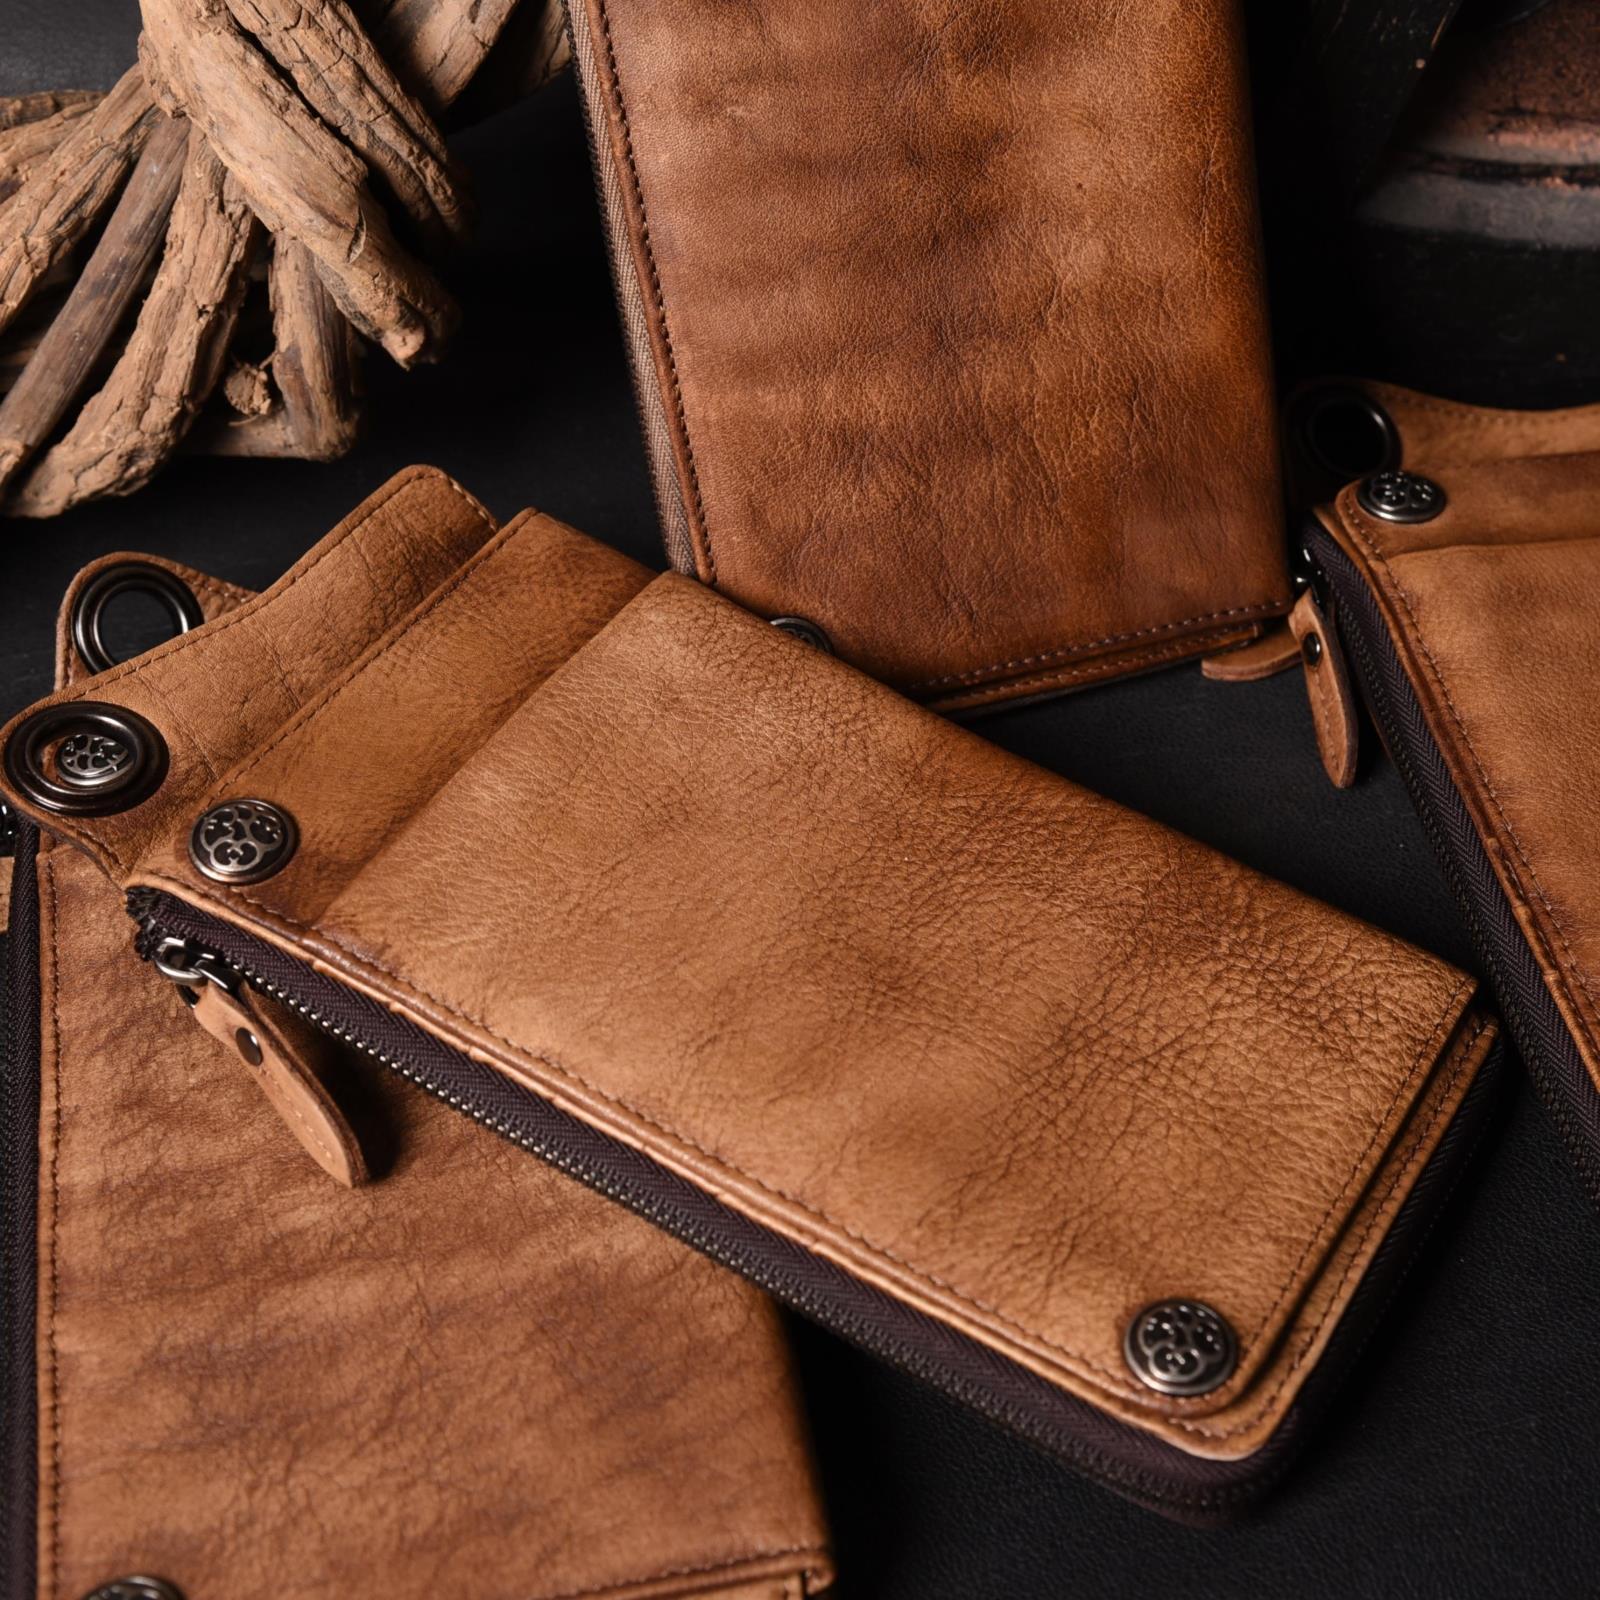 真皮做旧钱包卡包一体包男士多卡位手包长款大容量拉链手机包牛皮